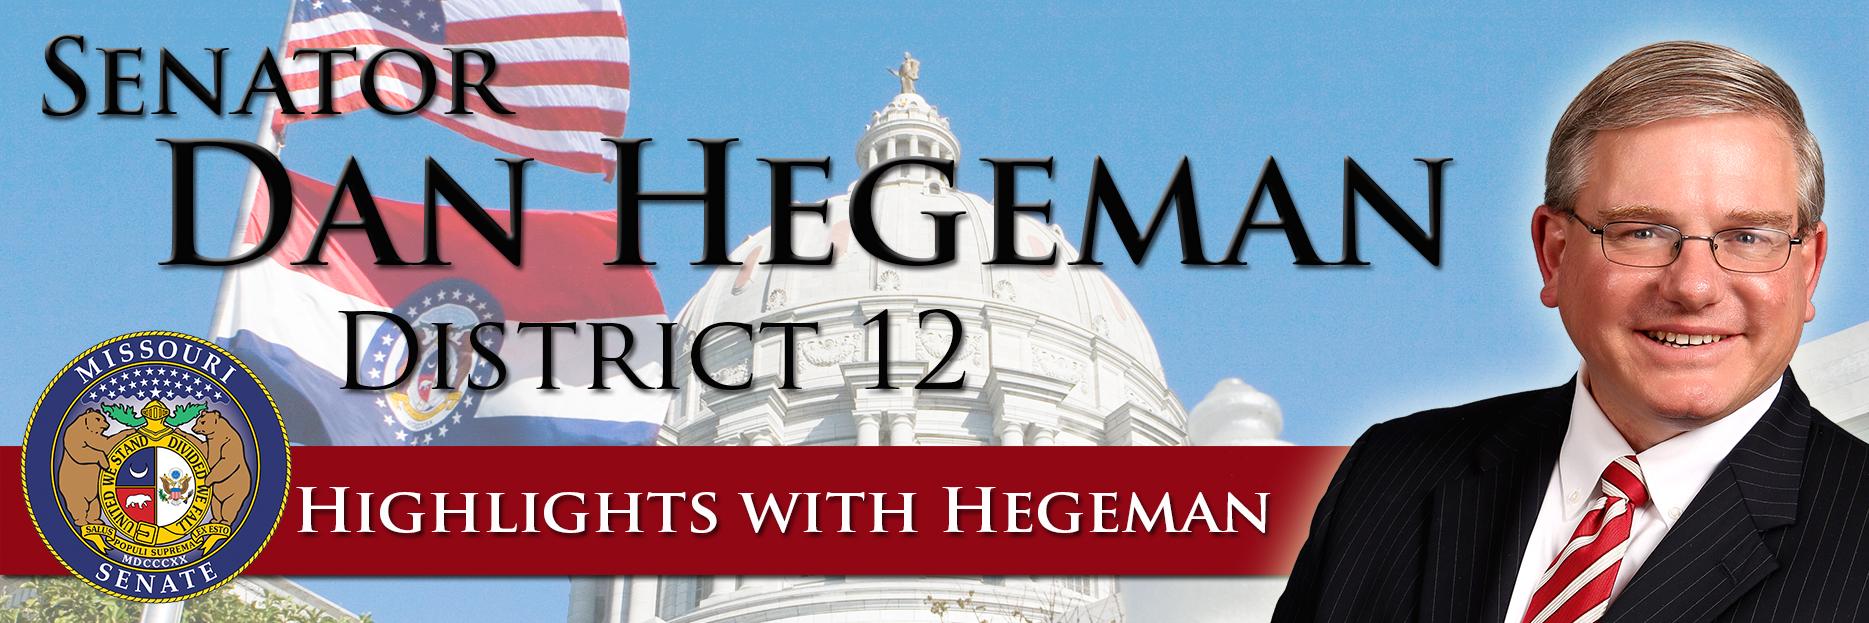 Hegeman - Column Banner - 010915